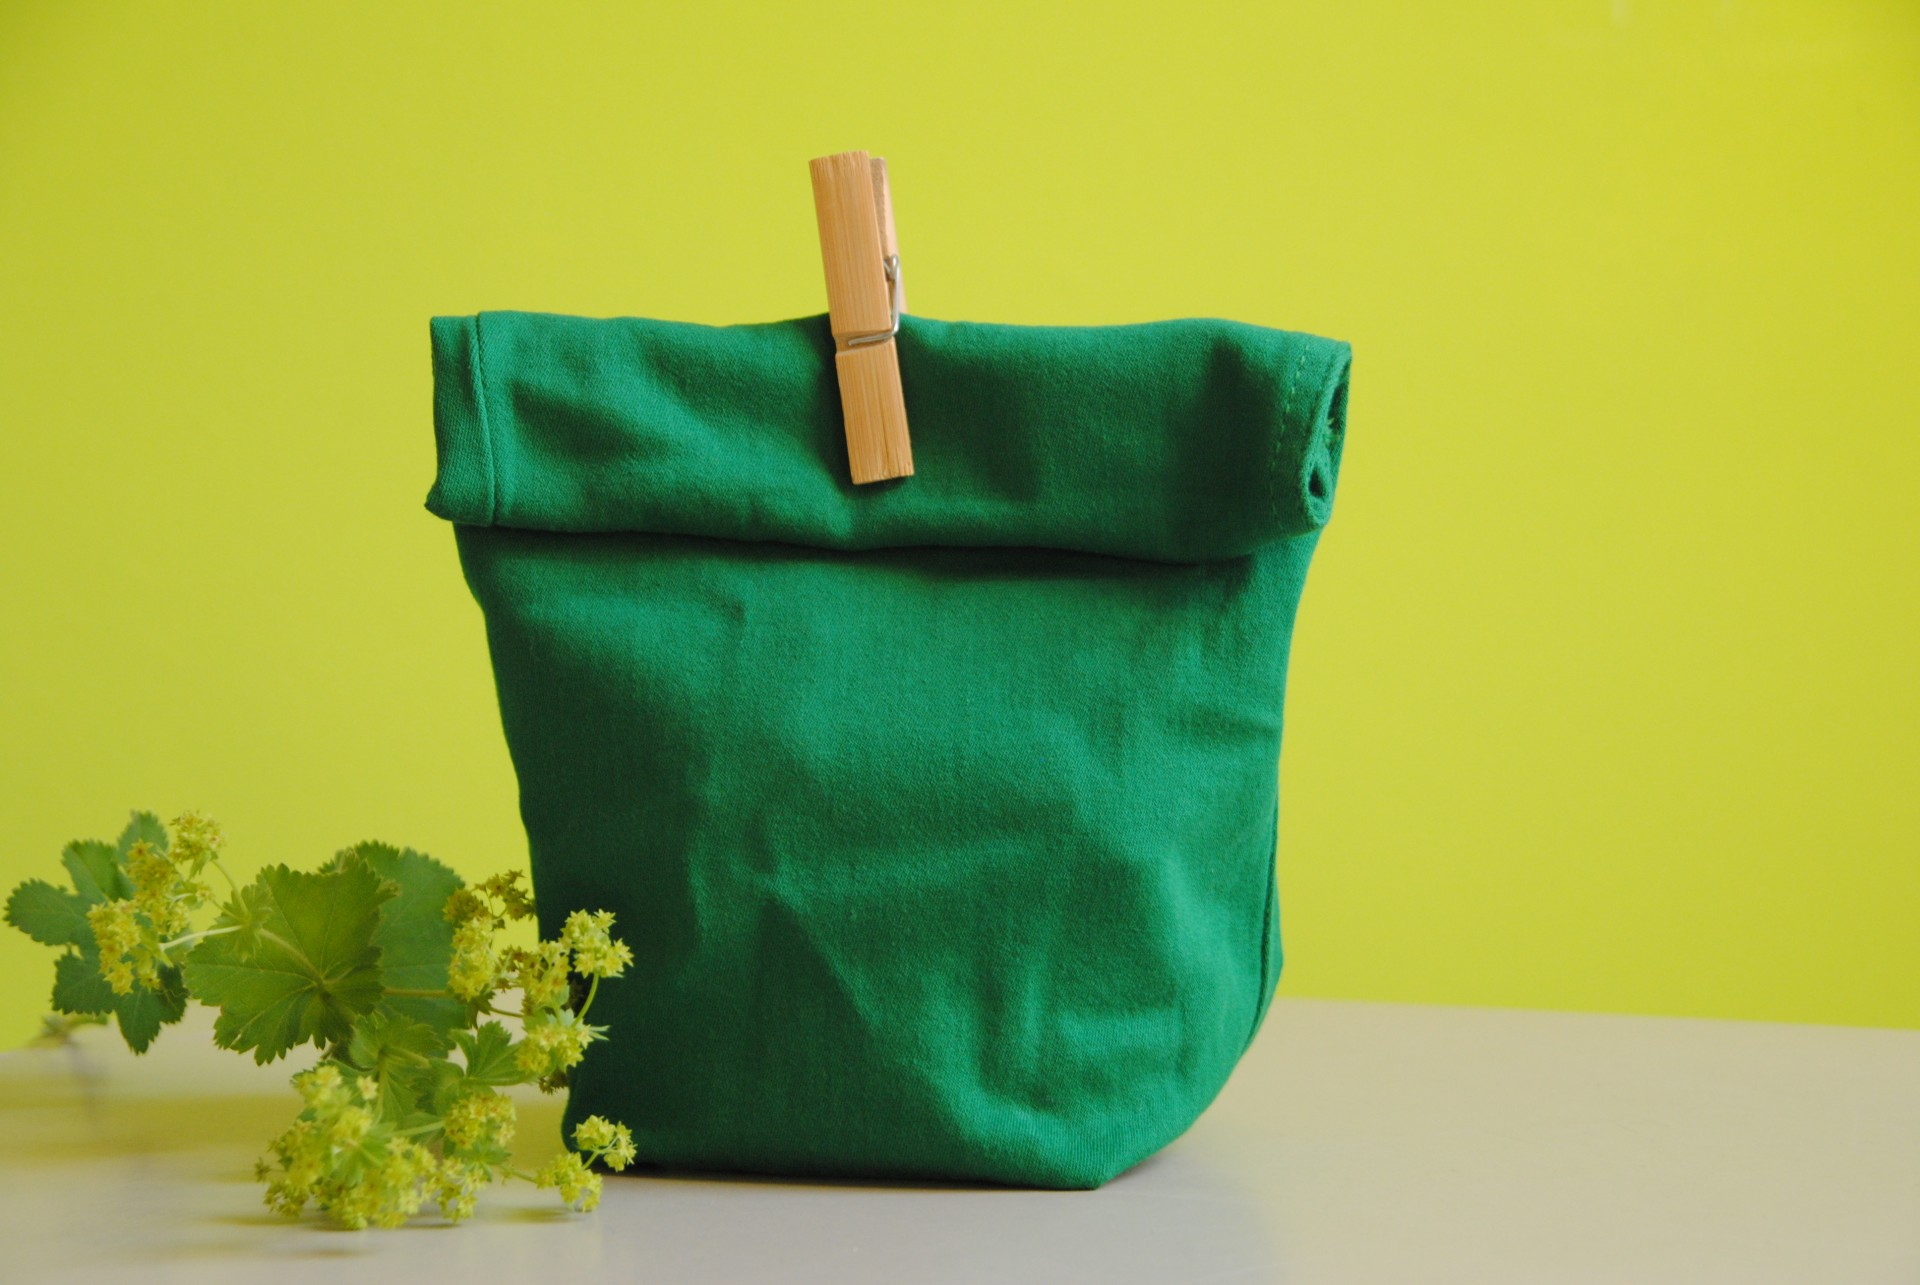 Jeanshosen-Beine mit einer kleinen Standfläche zu einer Geschenkverpackung verarbeitet. Als Verschluss dient hier eine Wäscheklammer.